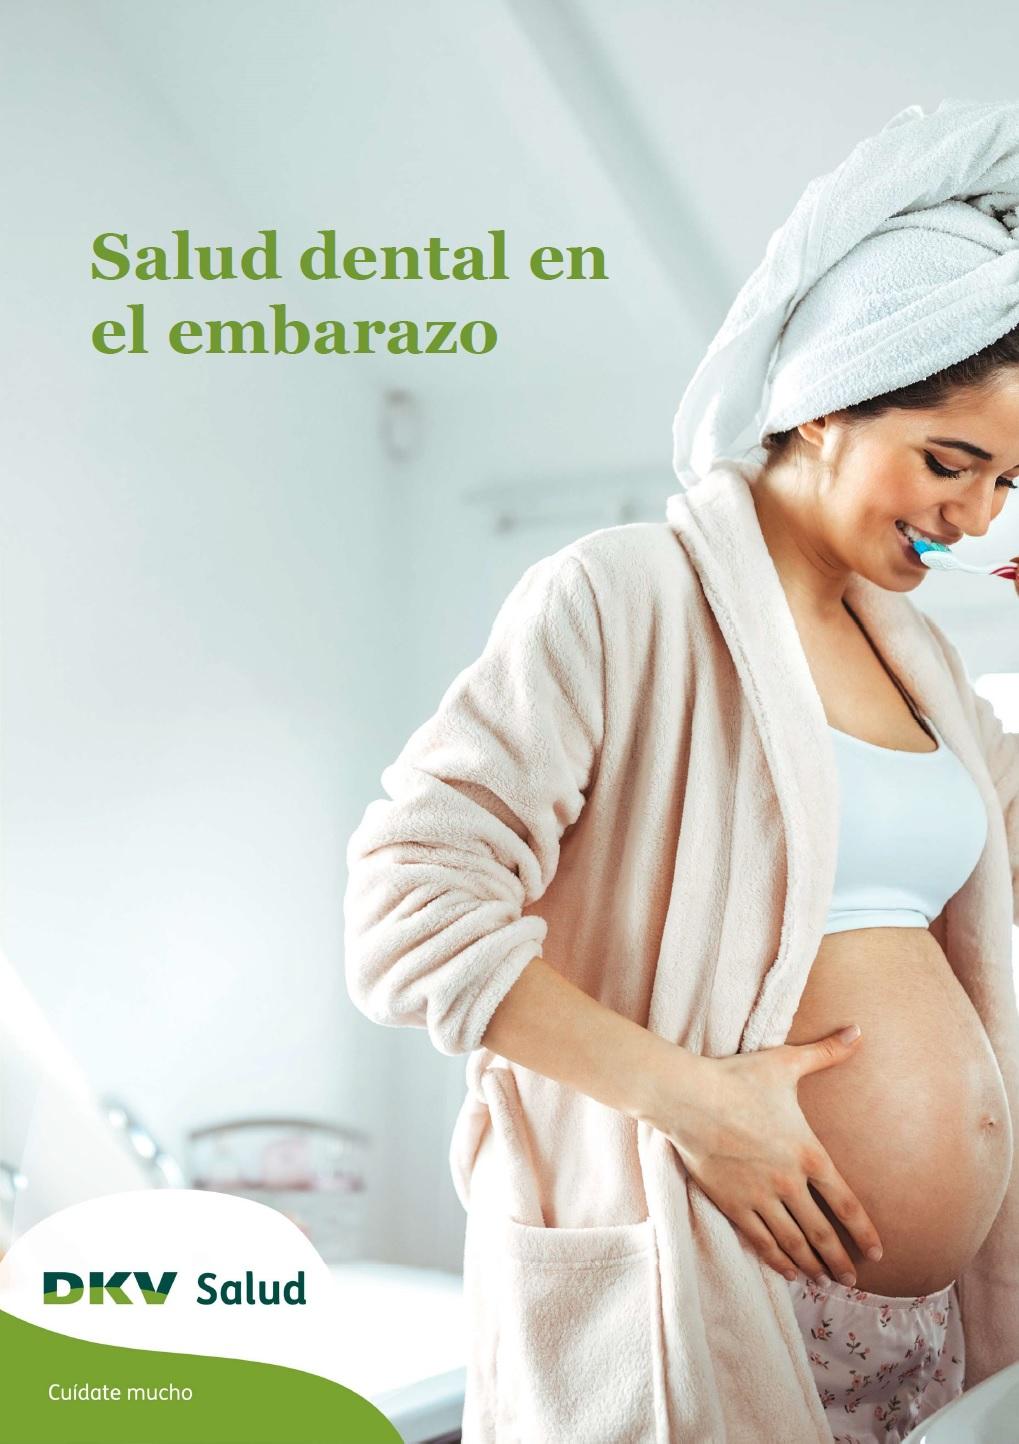 DKV - Salud dental en el embarazo - Portada 2D